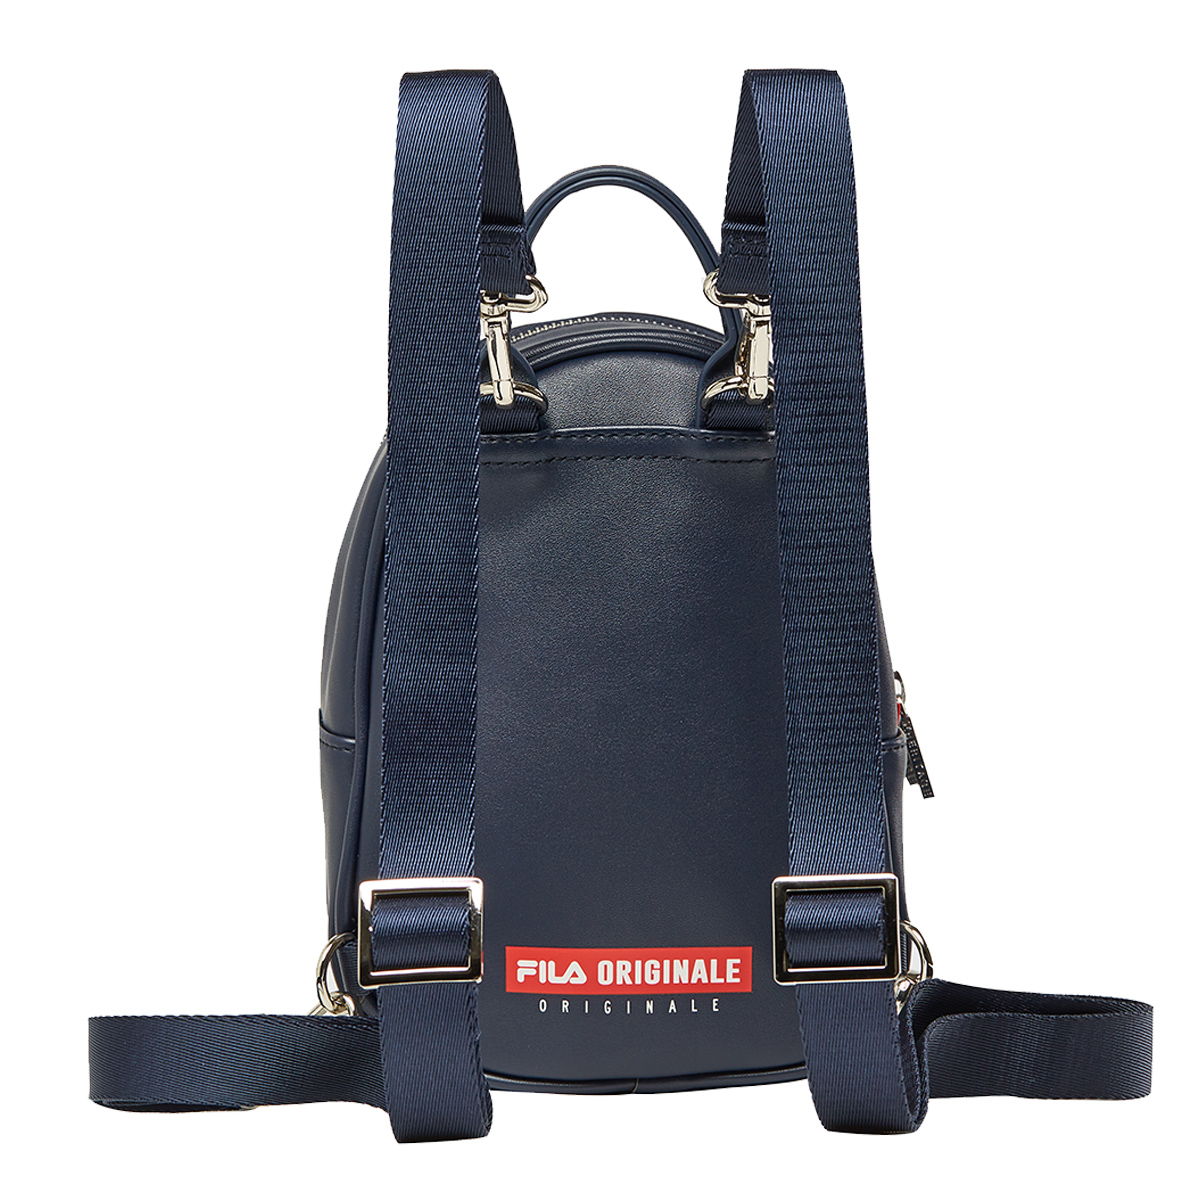 85de016703bc FILA Fila Female Назад пакет 2018 официальный оригинал новая коллекция  популярный Кроссовое мини-плечо пакет популярный спортивный для отдыха